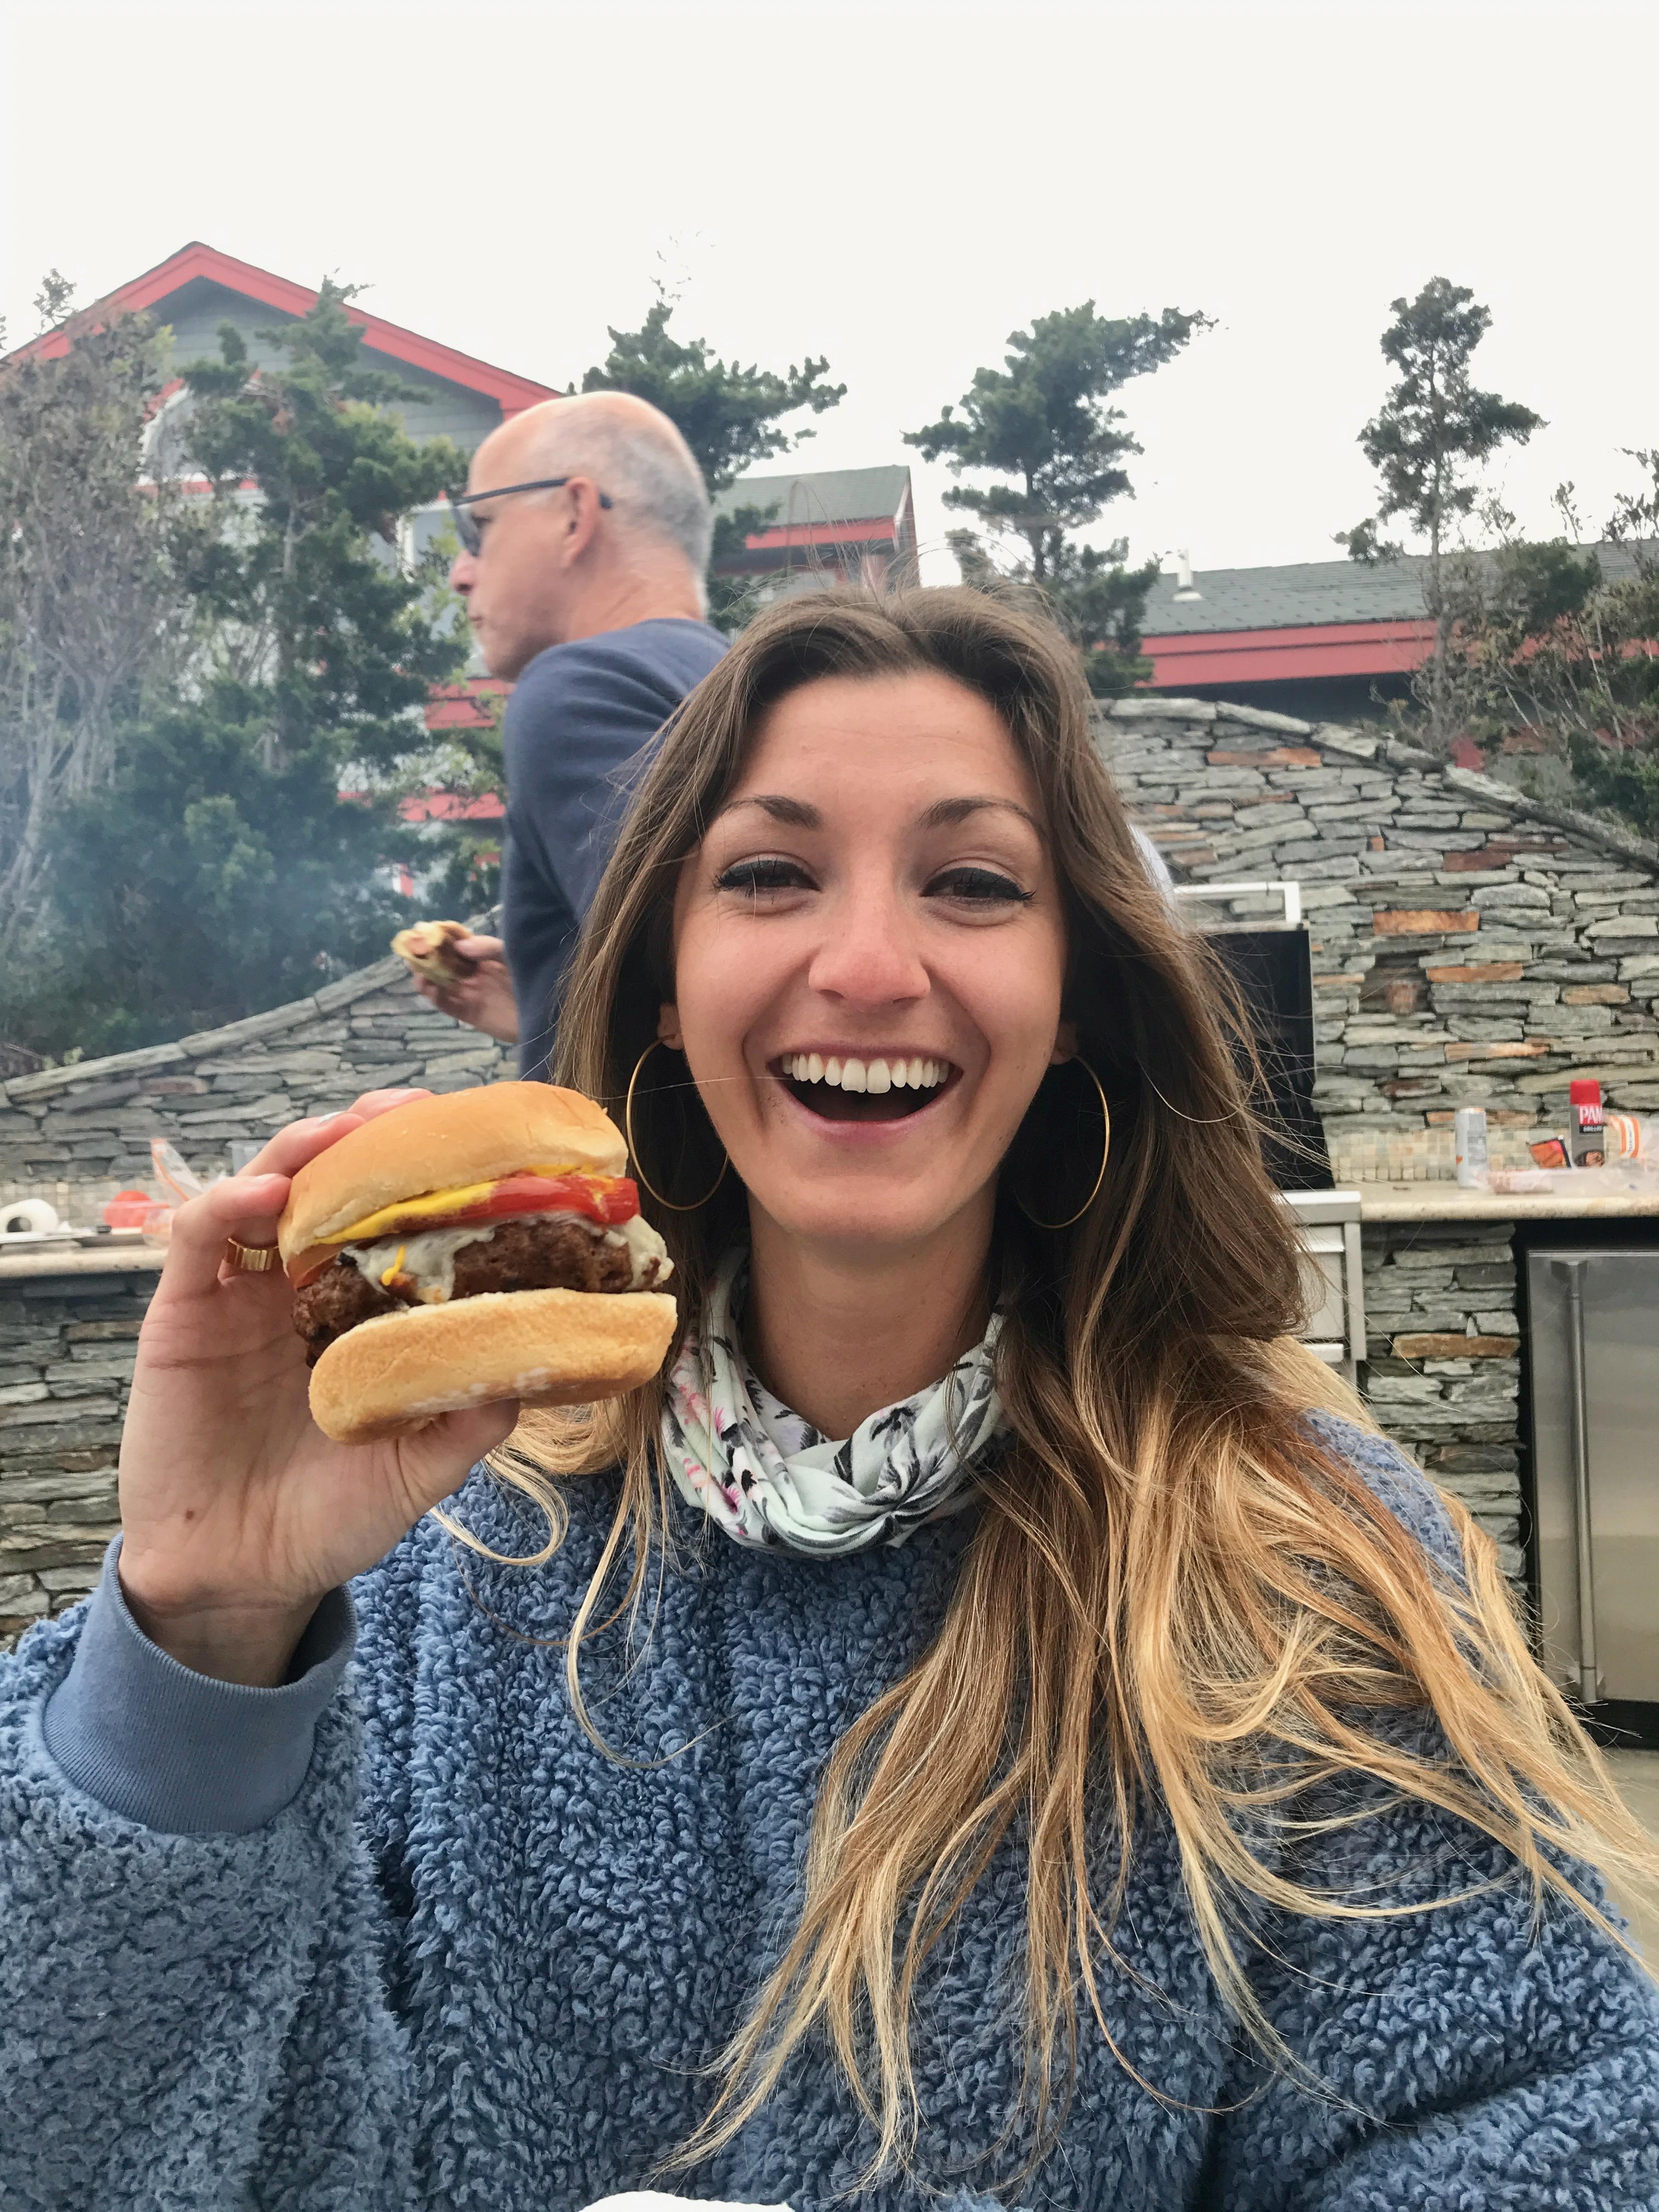 sustennial eating beyond burger